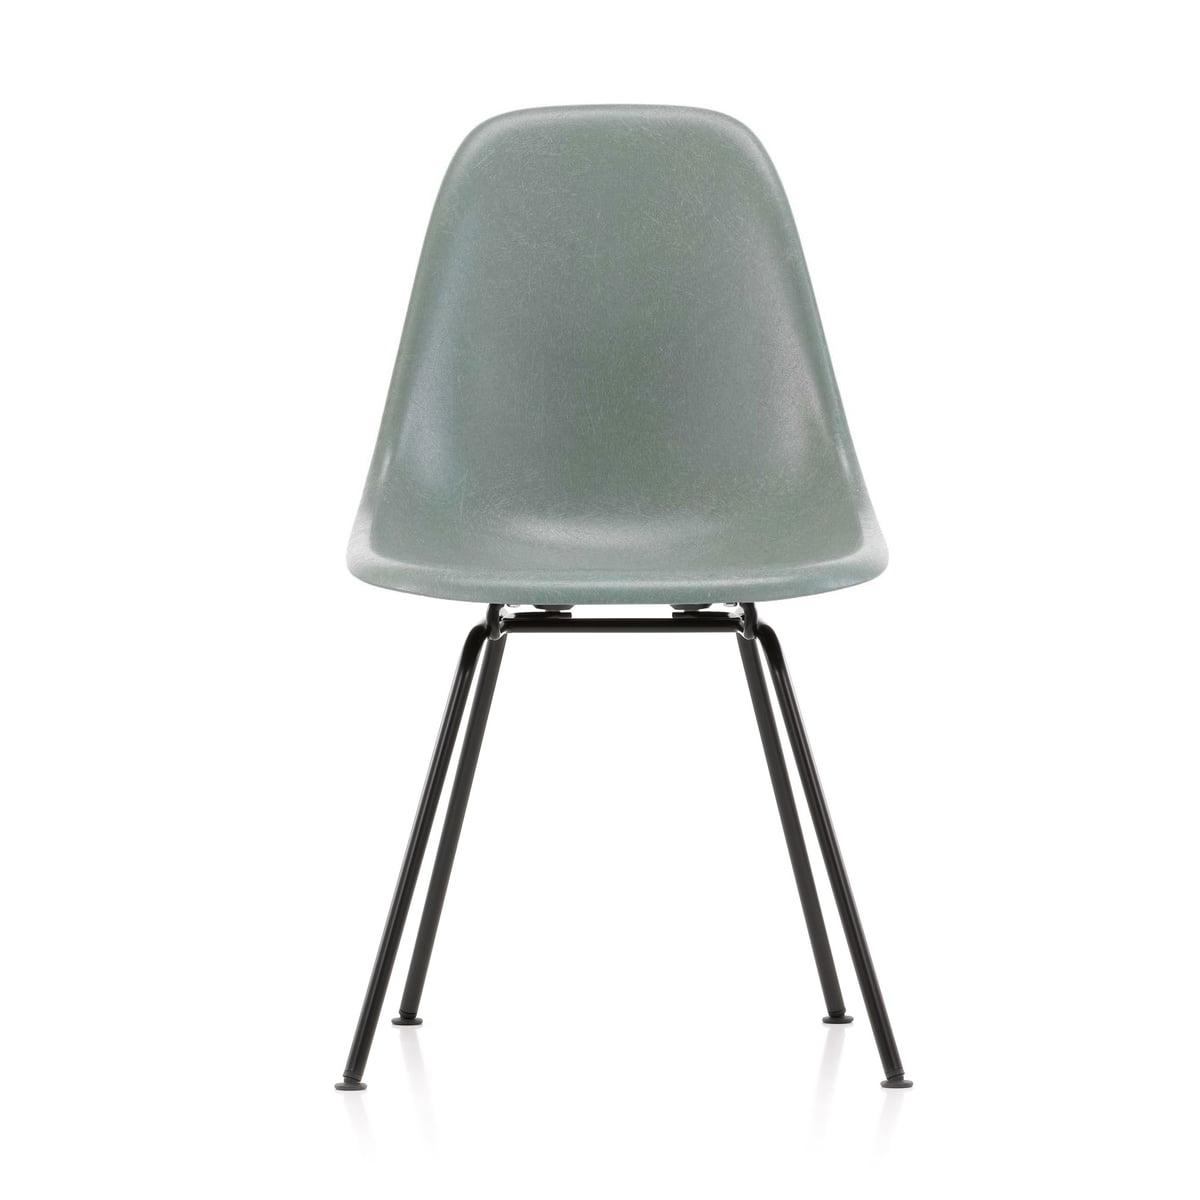 Vitra - Eames Fiberglass Side Chair DSX, basic dark / Eames sea foam green (Filzgleiter basic dark)   Küche und Esszimmer > Stühle und Hocker   Graugrün   Vitra